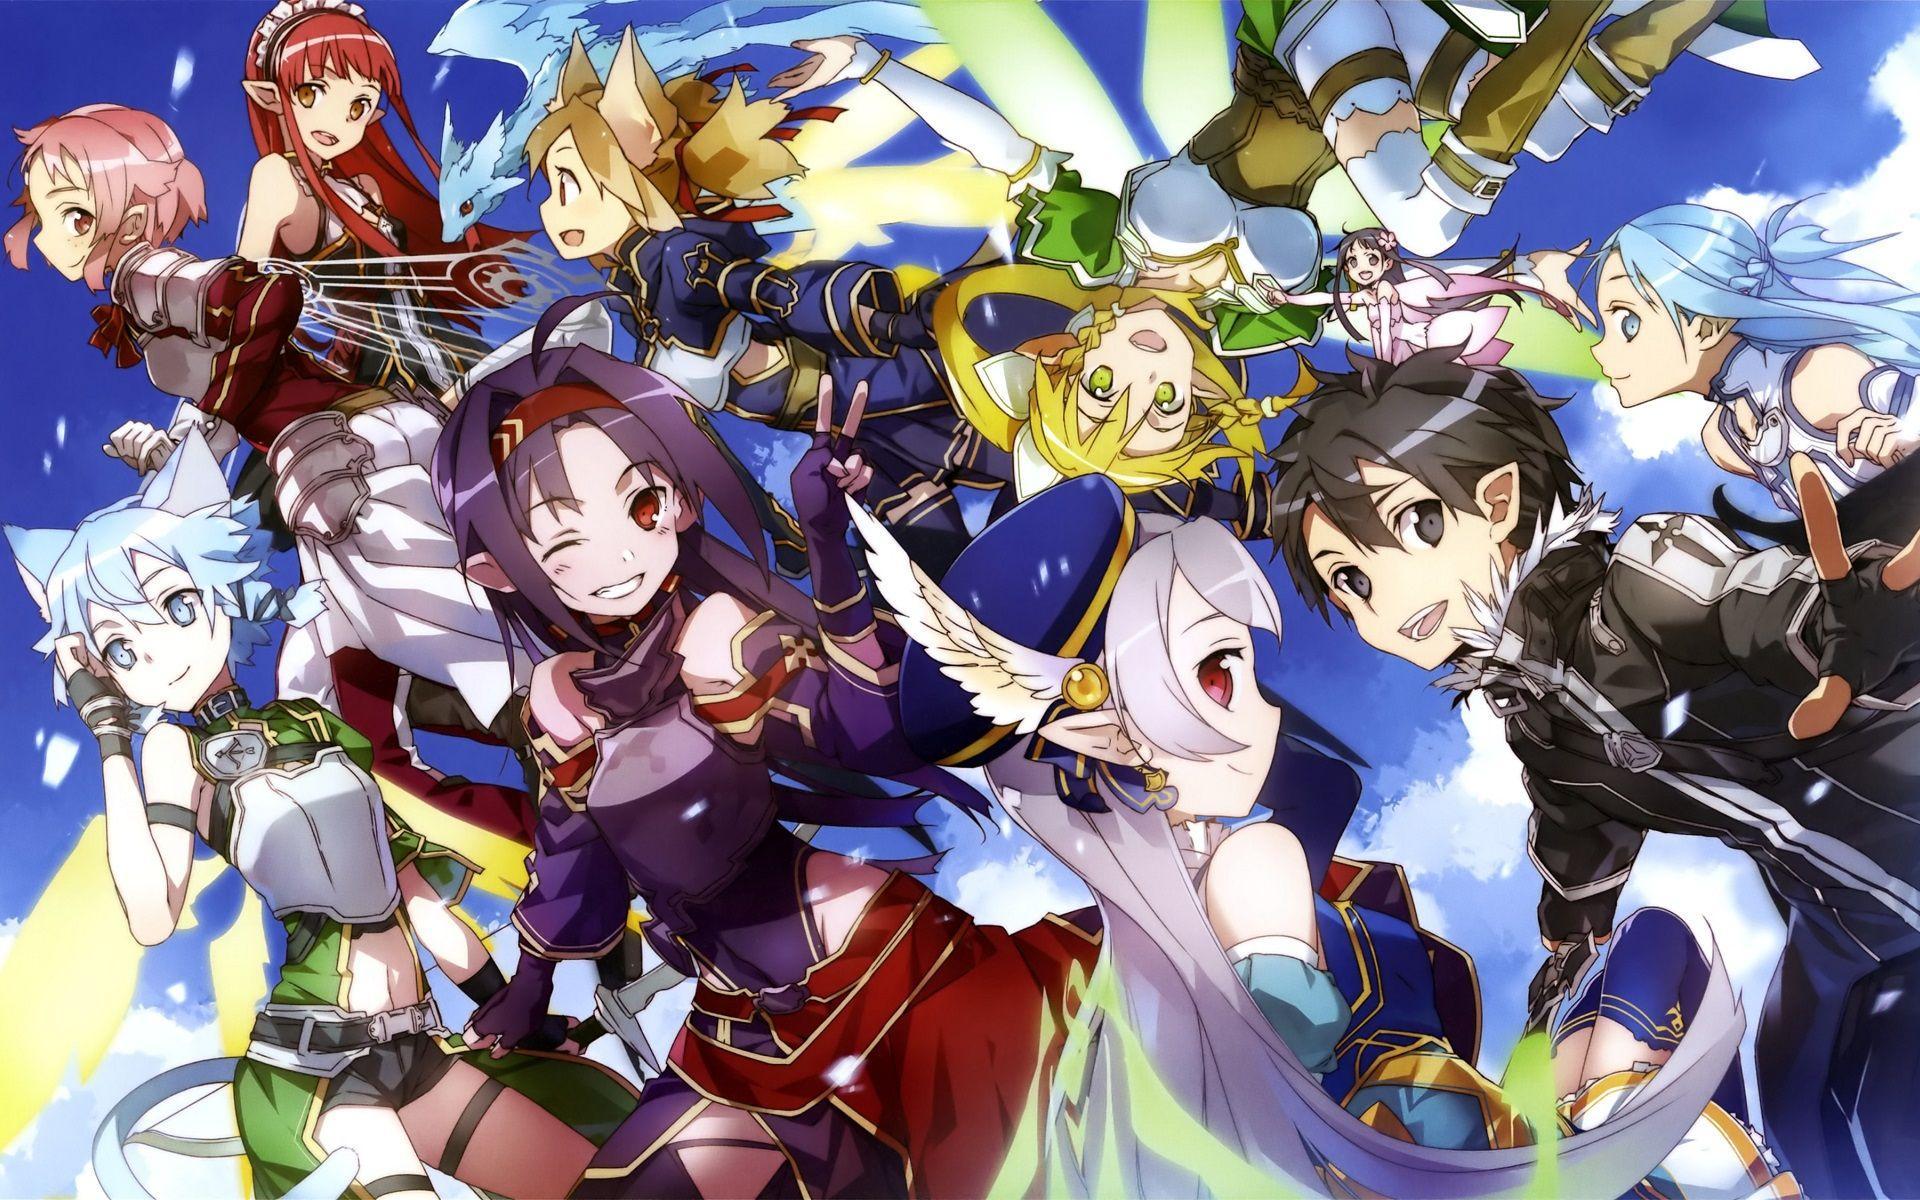 Sword Art Online PS3 Backgrounds - Wallpaper Cave